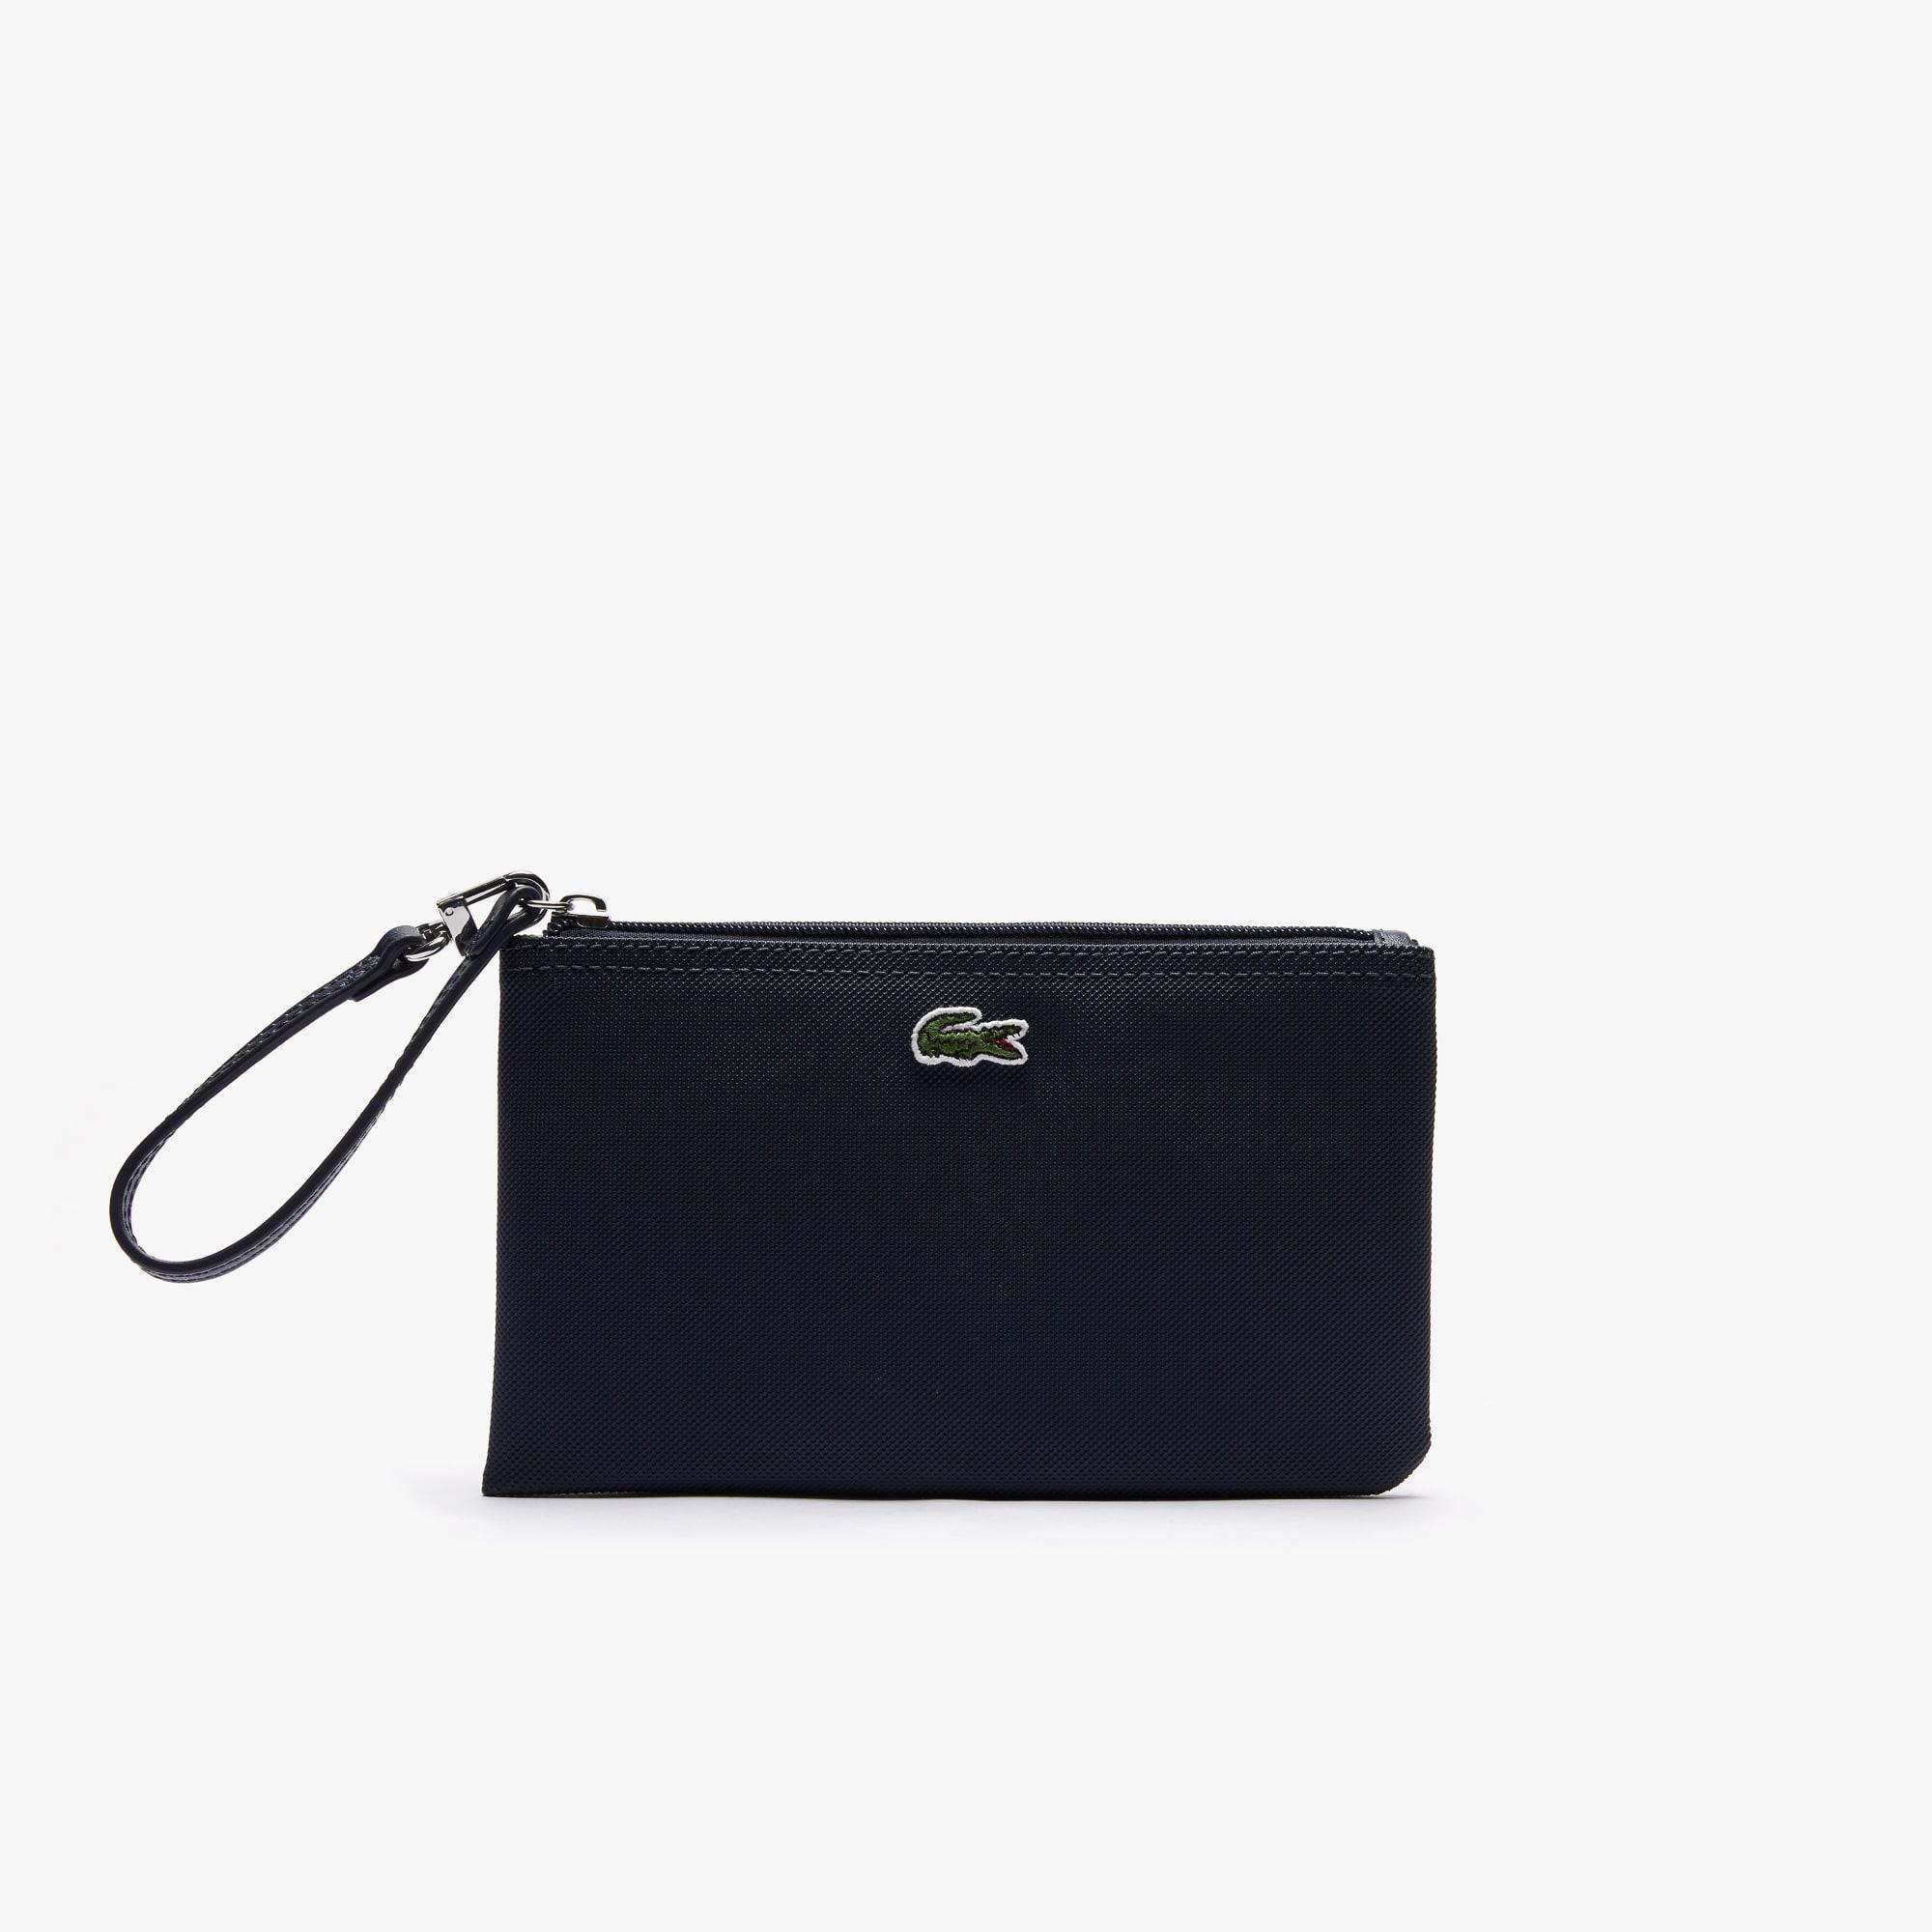 Women's L.12.12 Concept Zip Clutch Bag